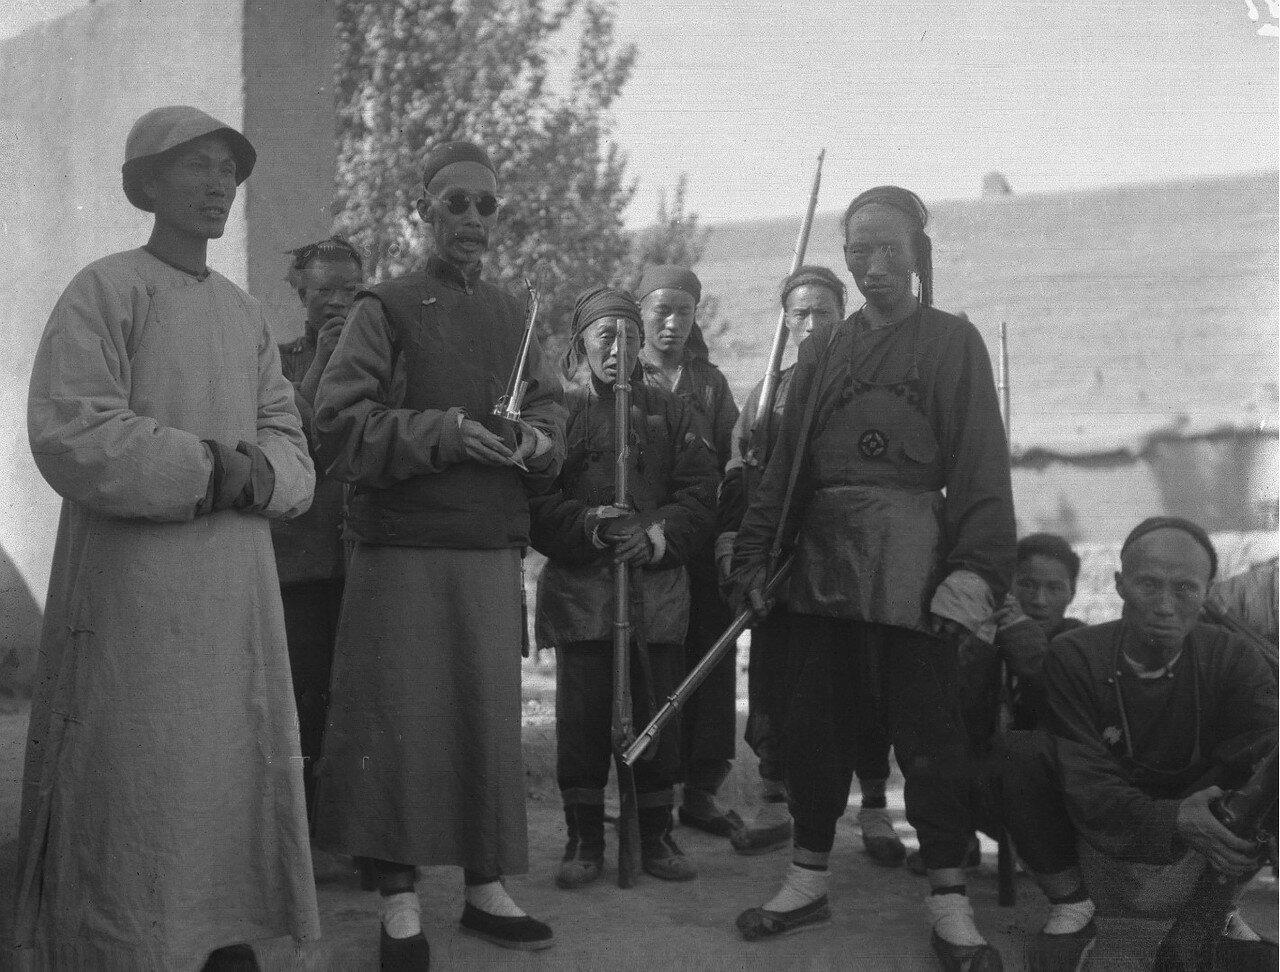 Адъютант чинтая Янга капитан Ю в окружении офицера Чу Фукуна и нескольких солдат из провинции Хэнань